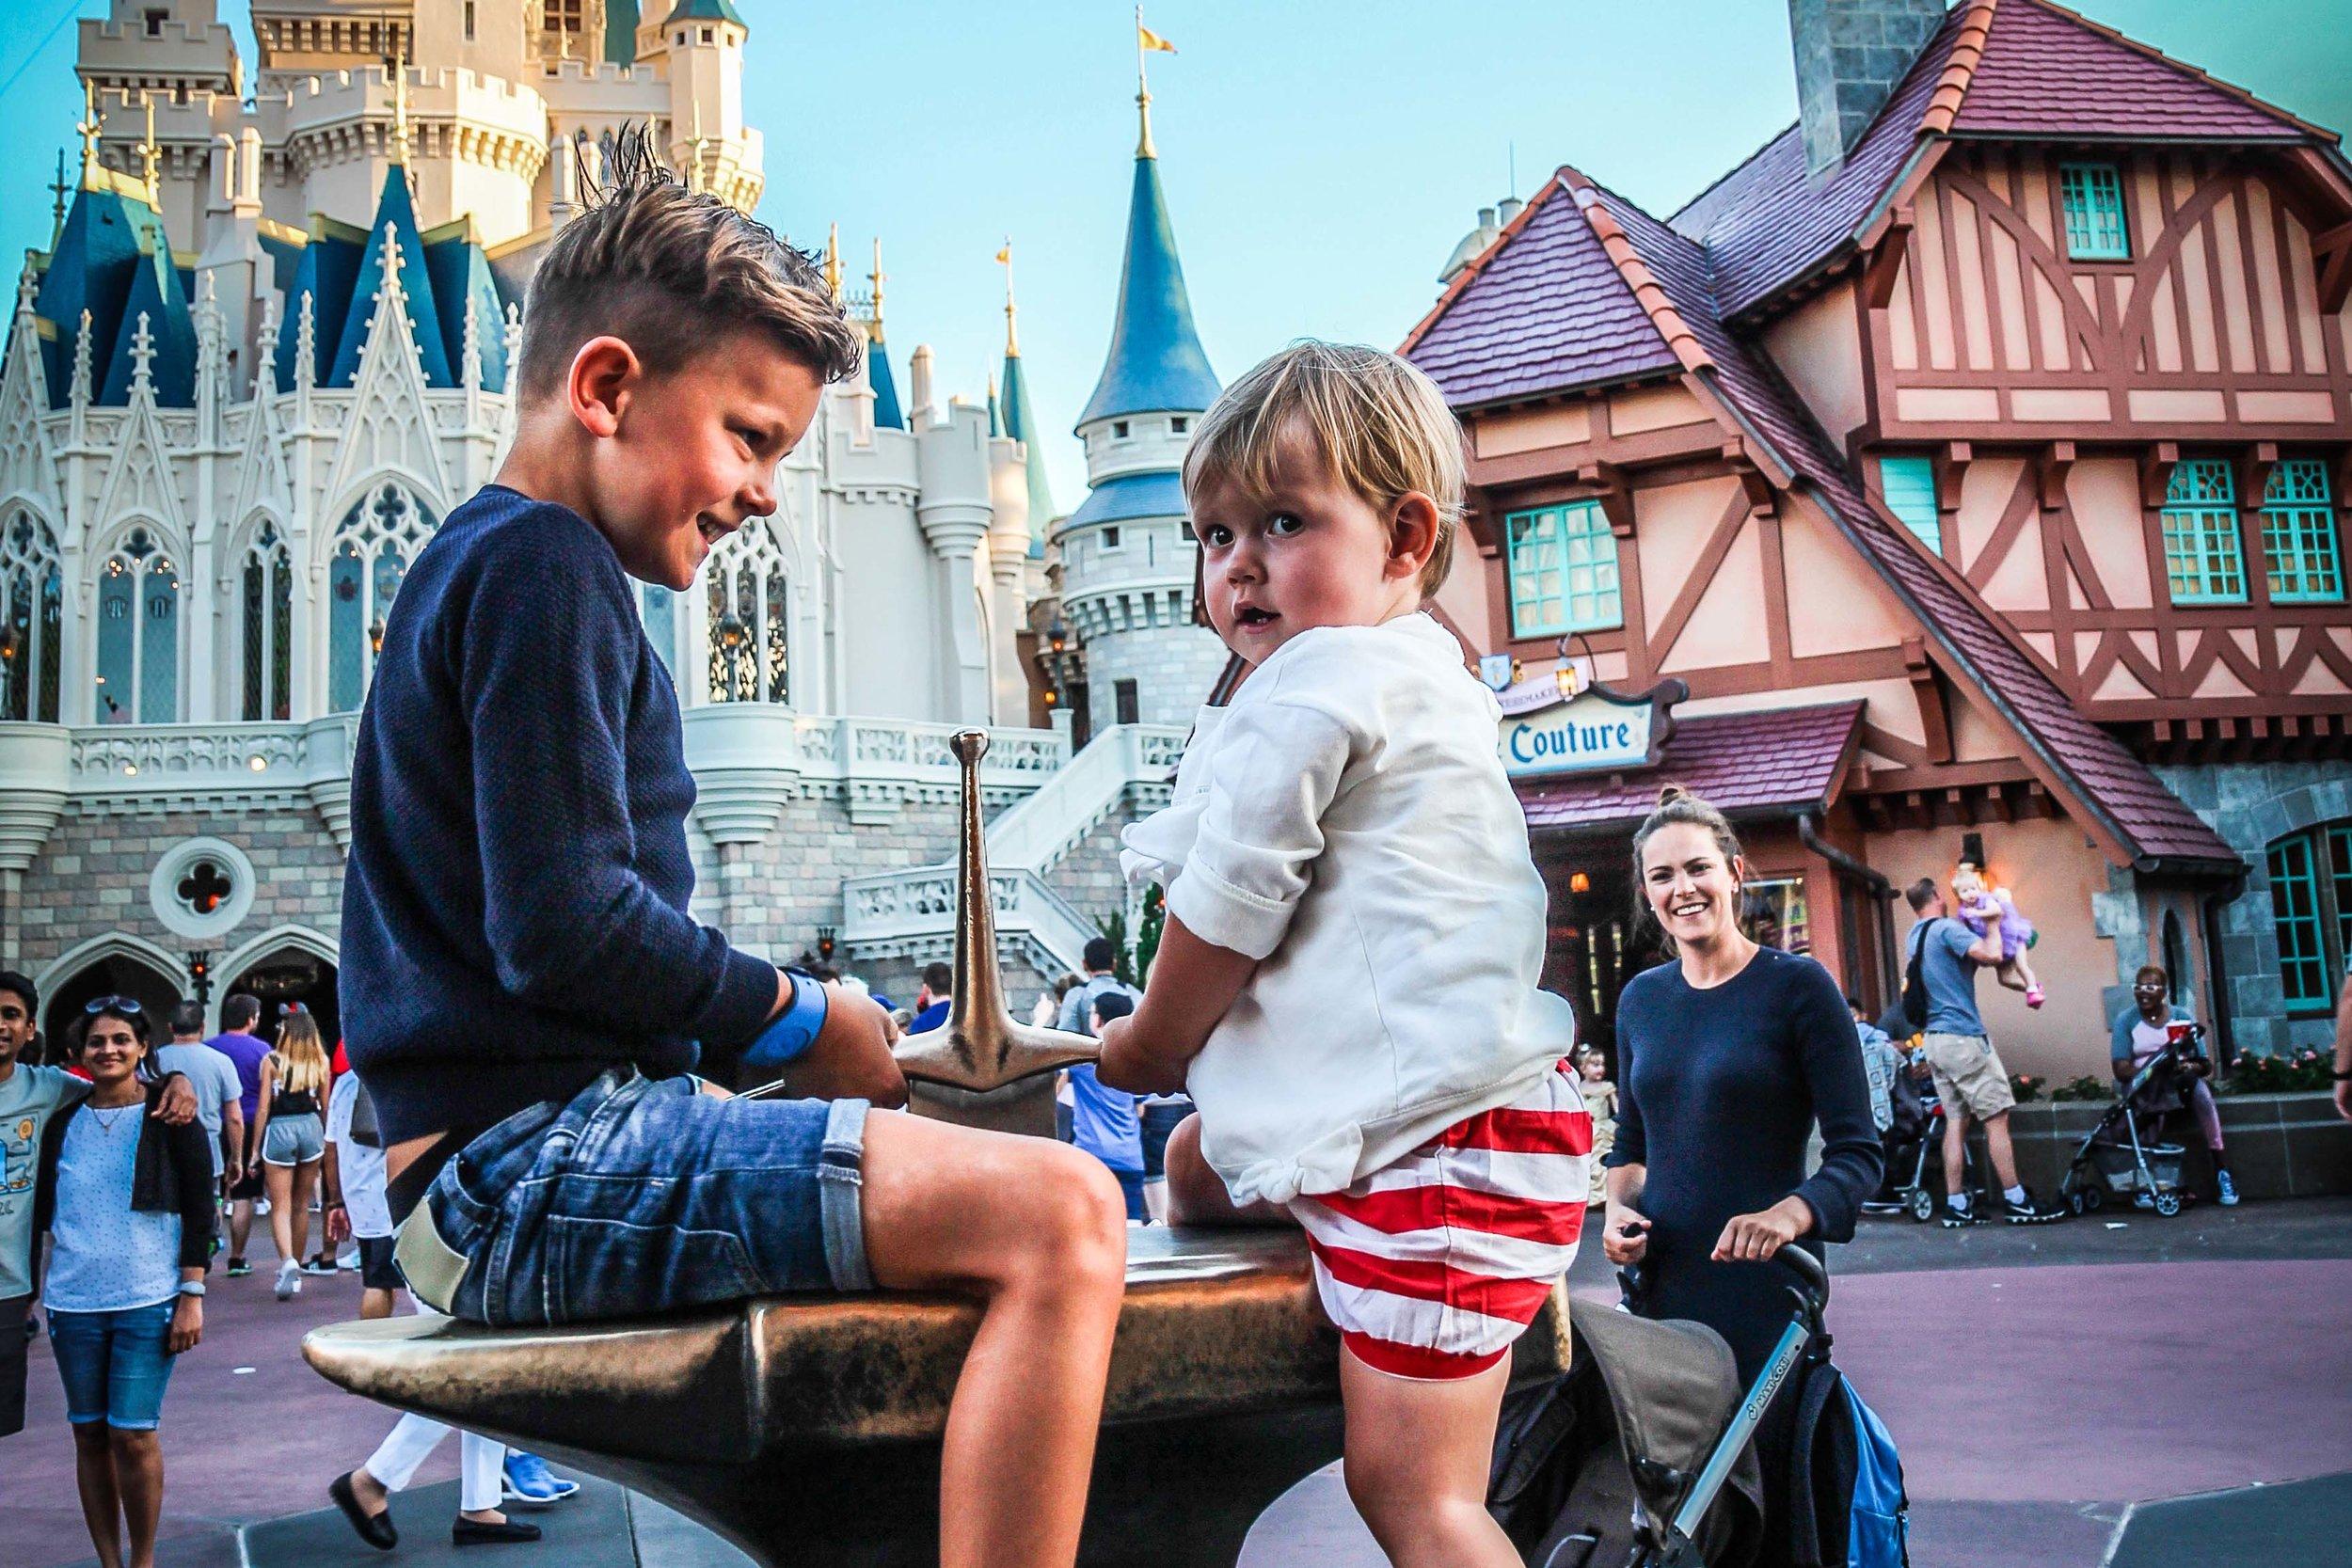 Disney_magical_kingdom_orlando_reizen_met_kinderen-16.jpg